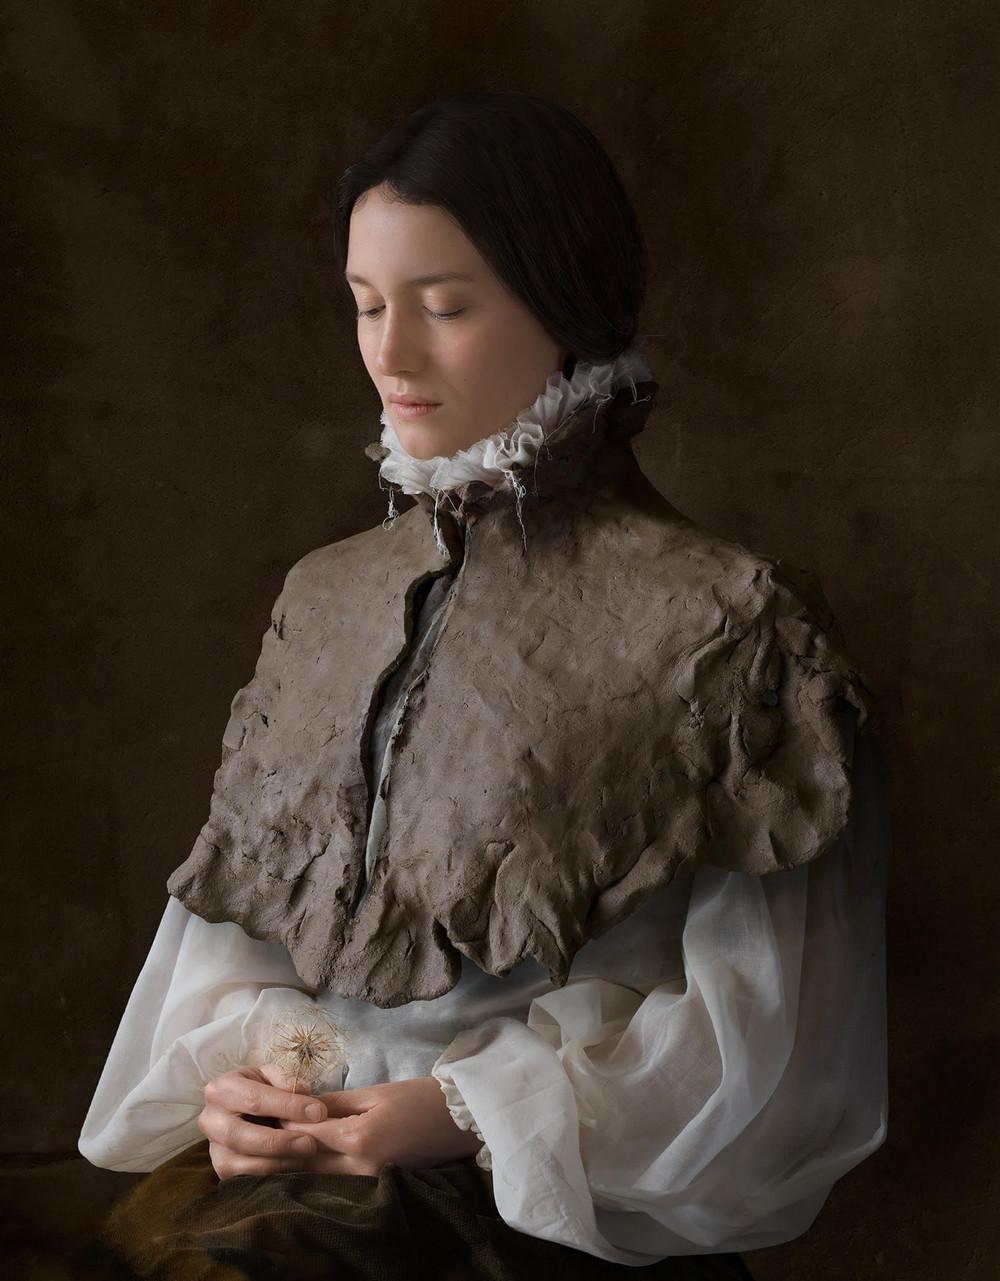 kostyumy-iz-vtorichnyh-materialov-portrety-Syuzanna-Yongmans 9